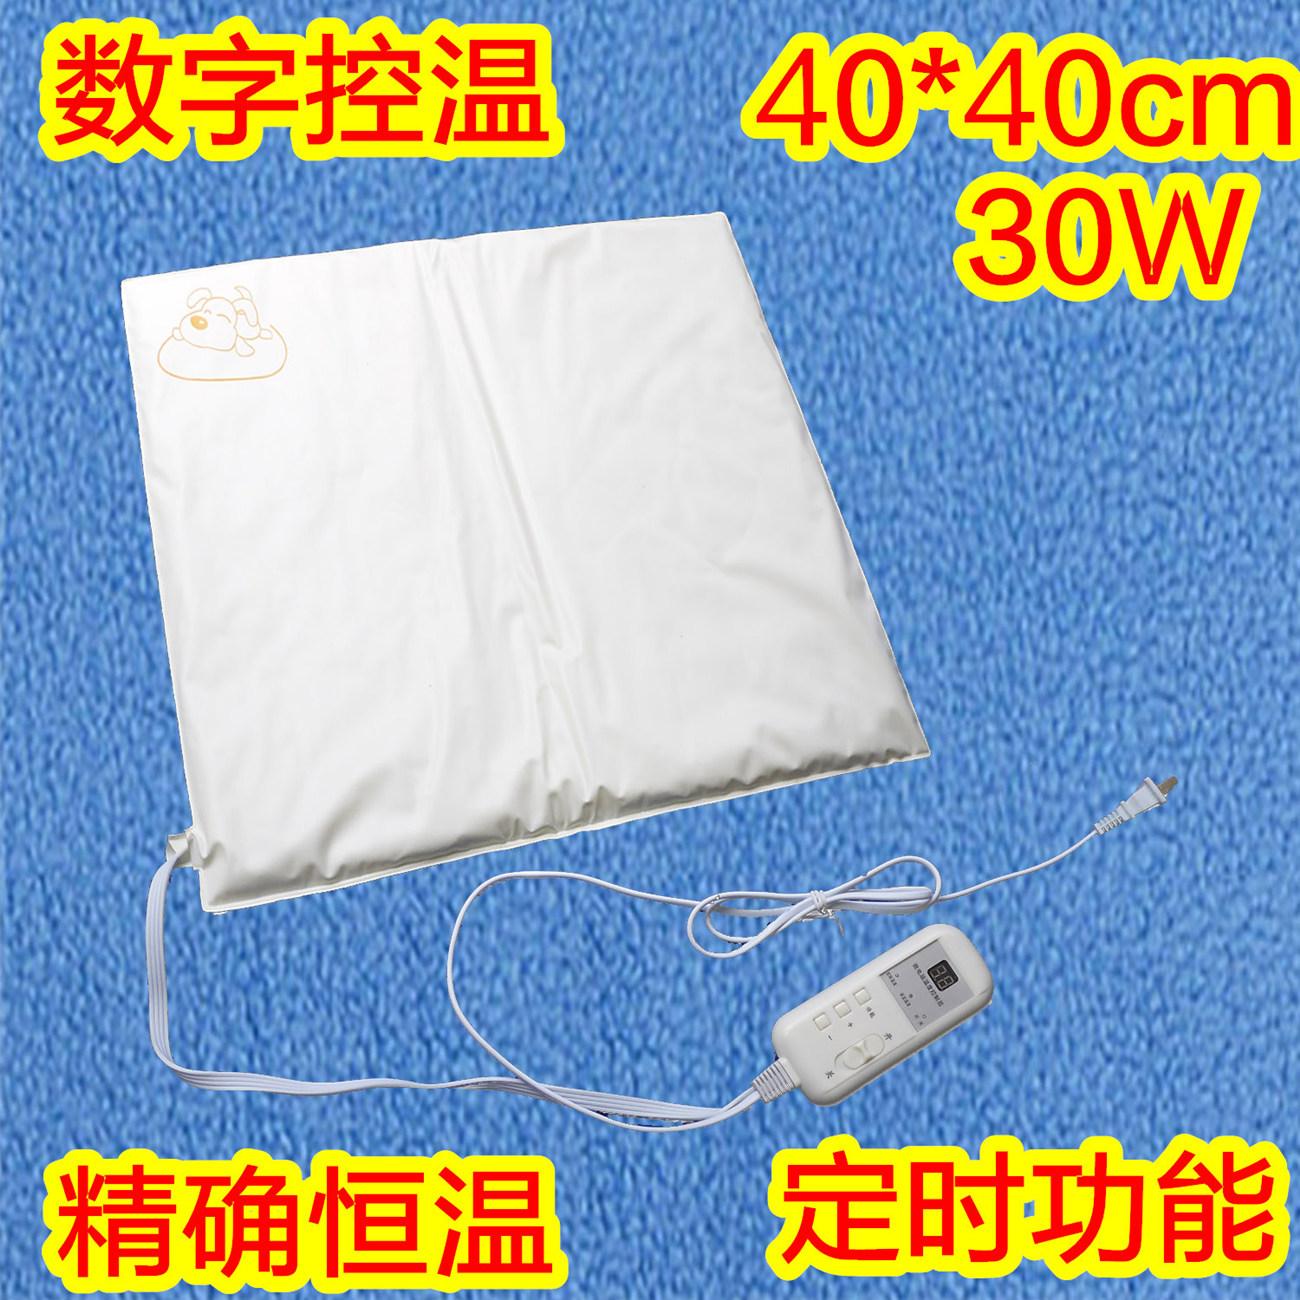 Большой средний маленький количество код температура введите анти- вода коты собака кролик домашнее животное электрическое отопление одеяло подушка тепло плита подушка